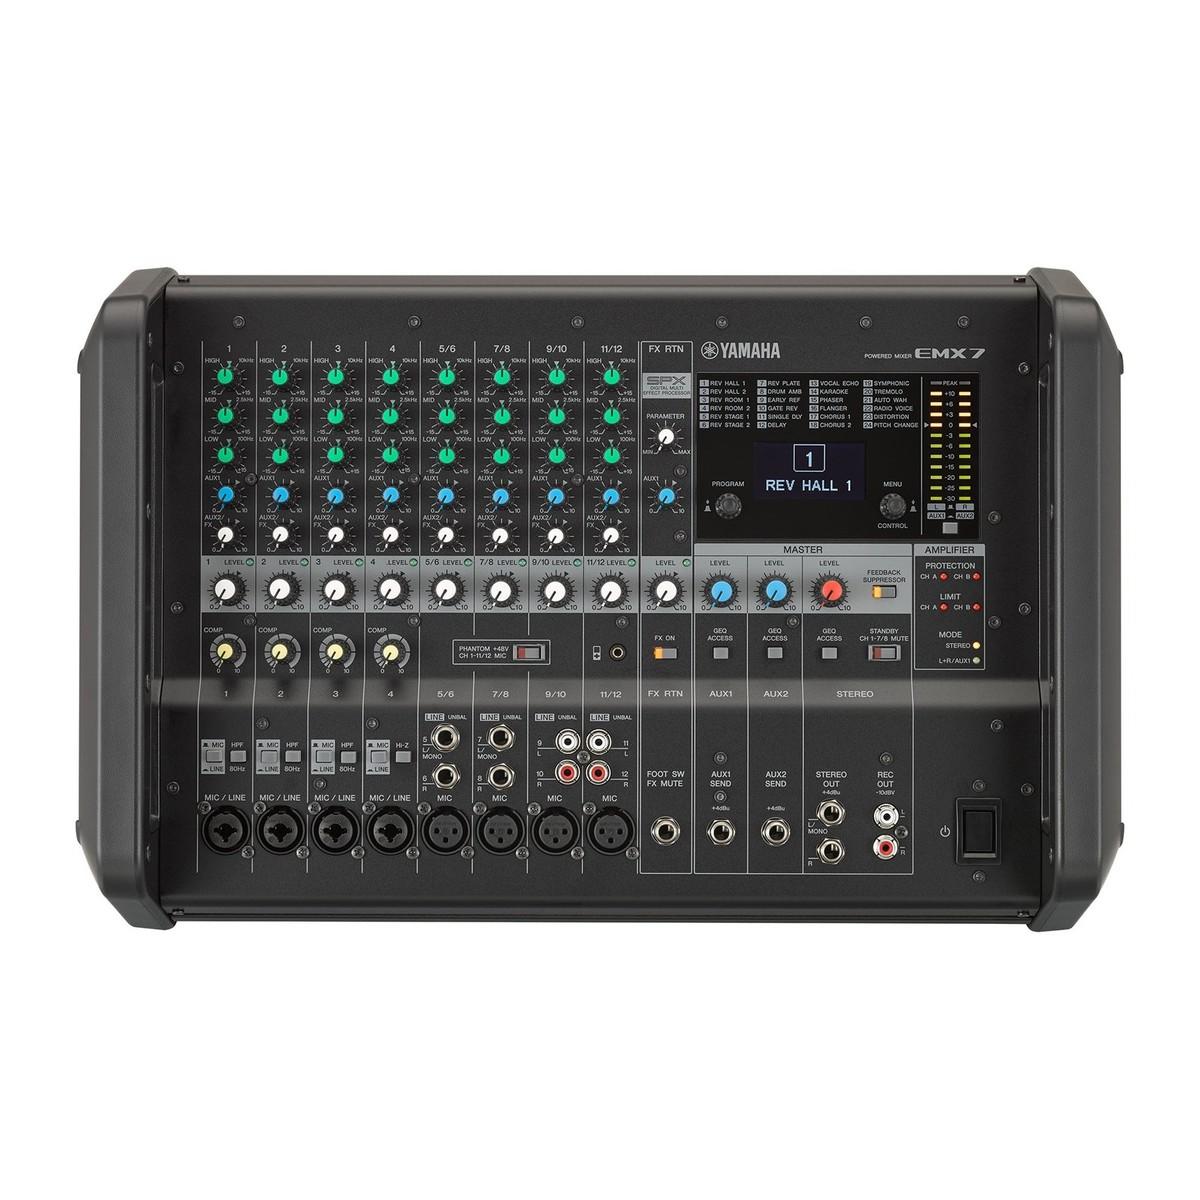 Yamaha Emxcf Powered Mixer Price